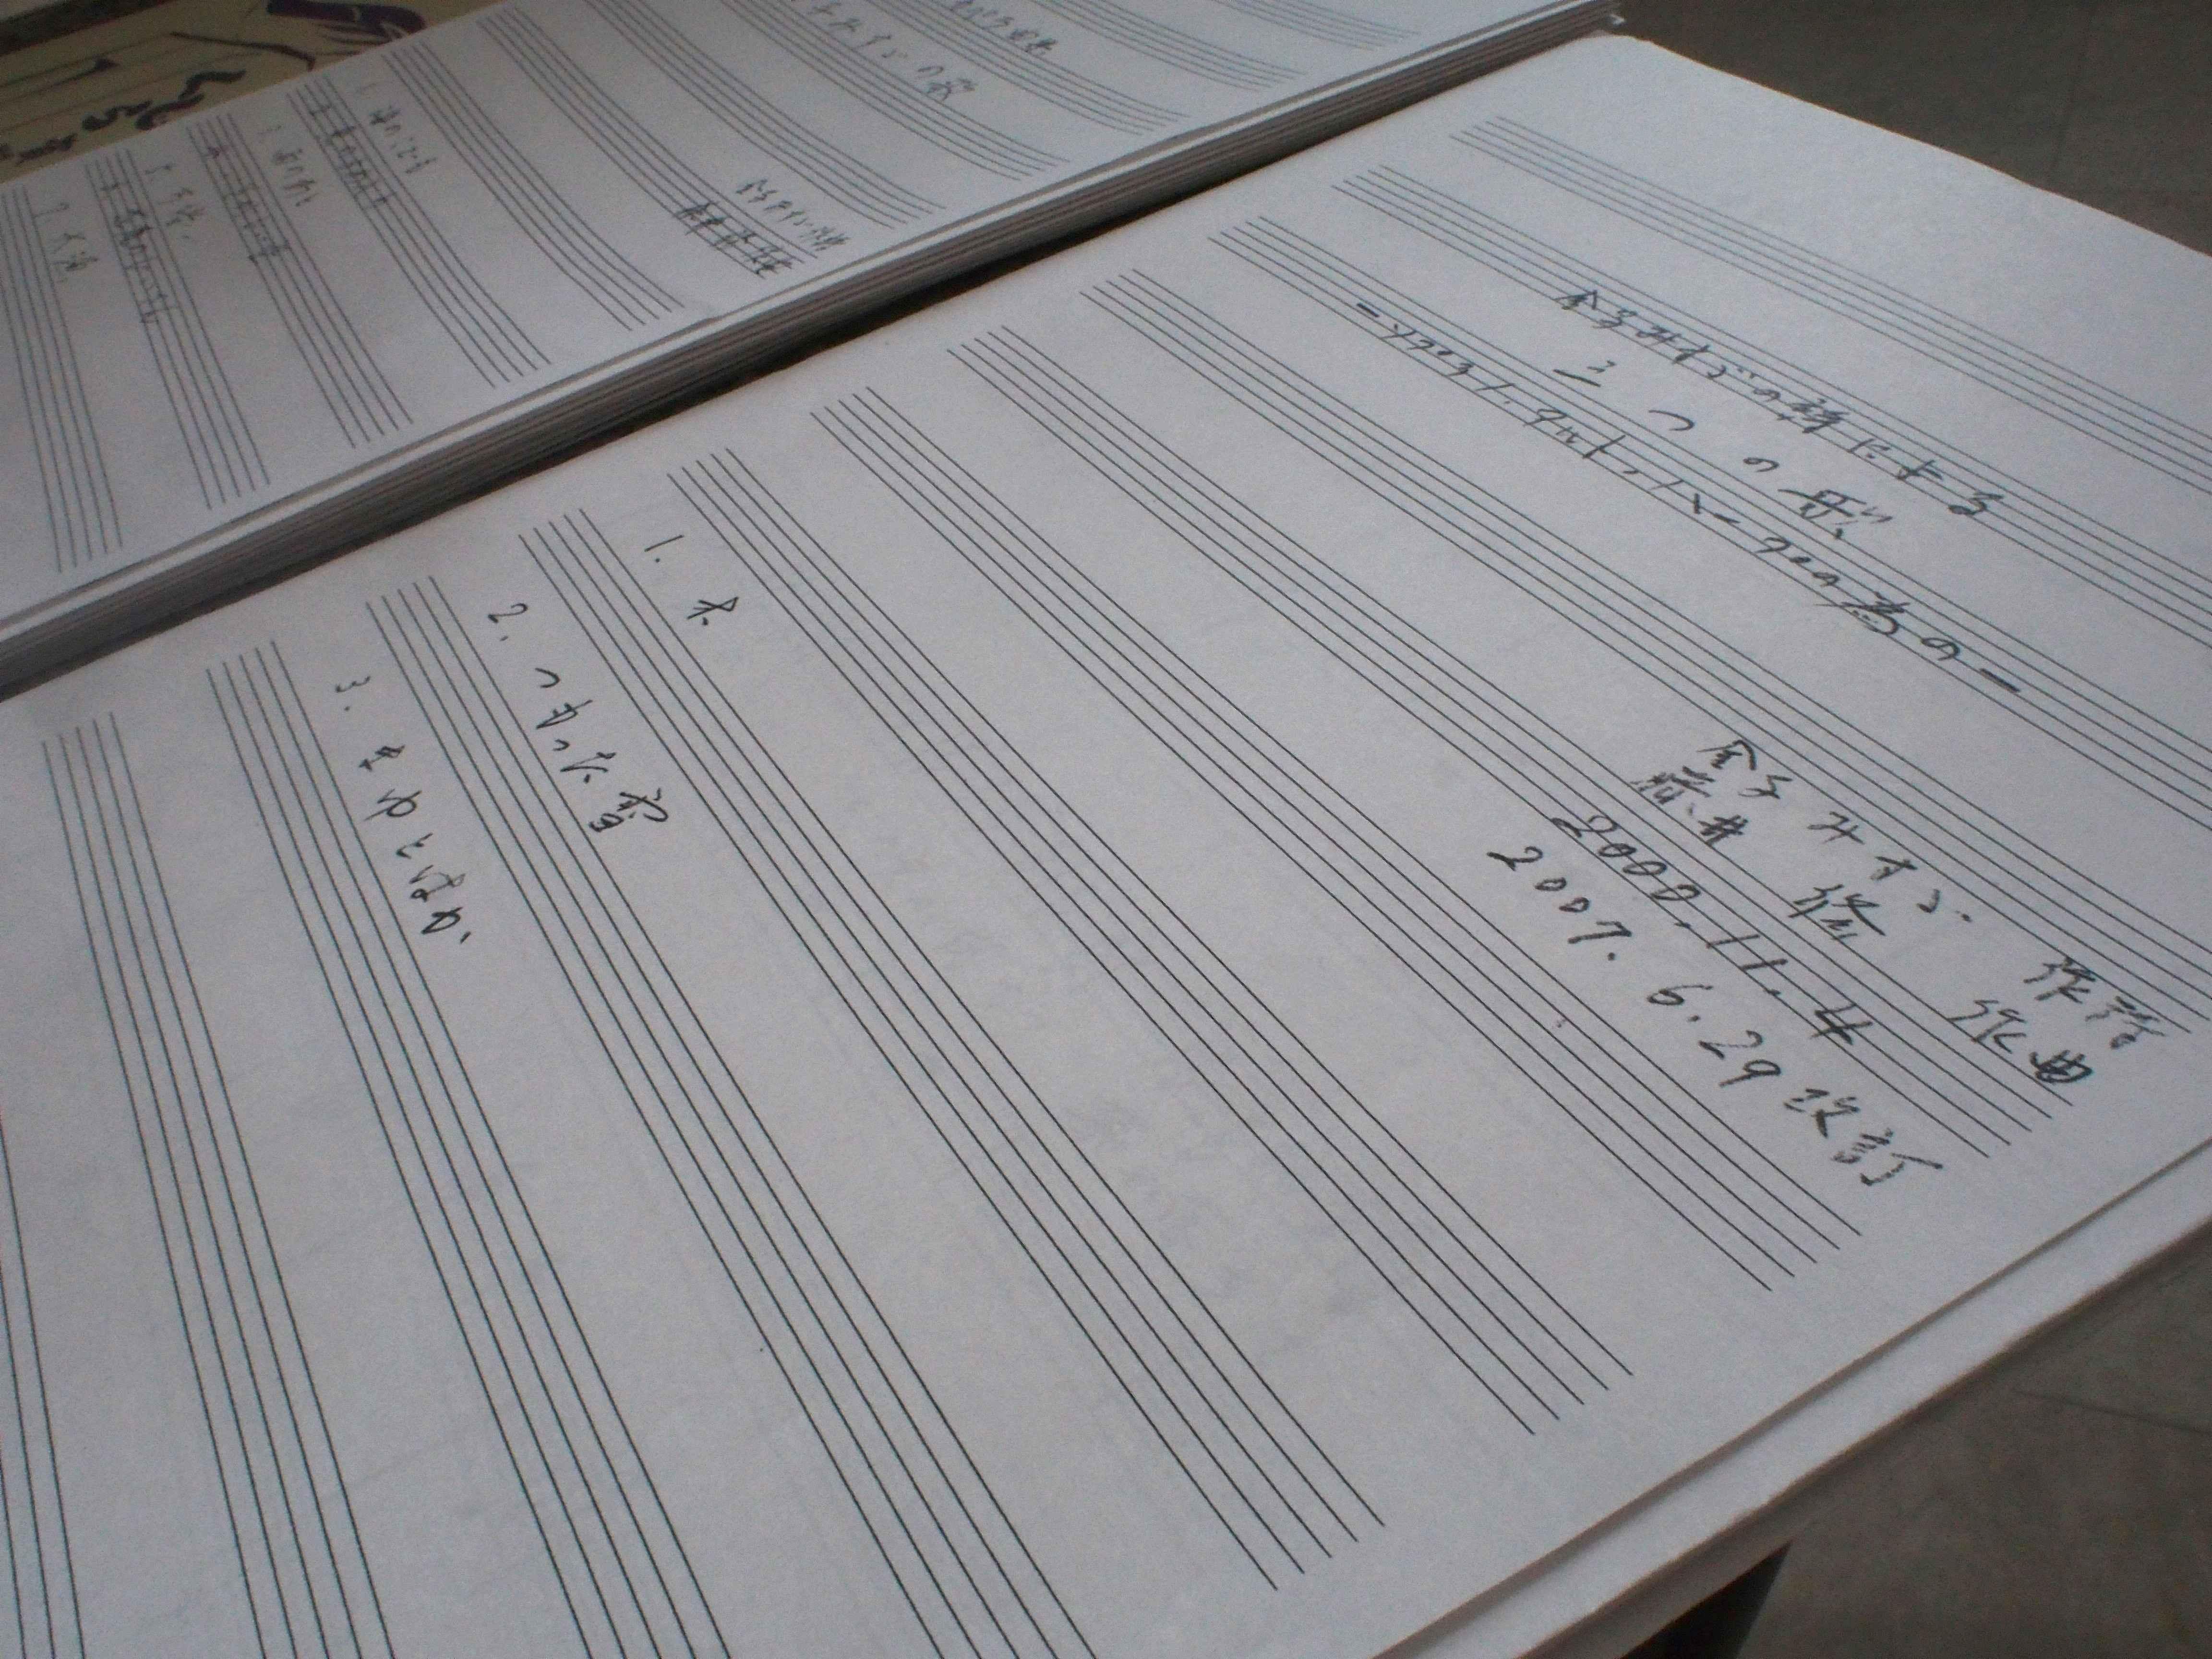 【オンライン】打楽器基礎・和声学・作編曲教室